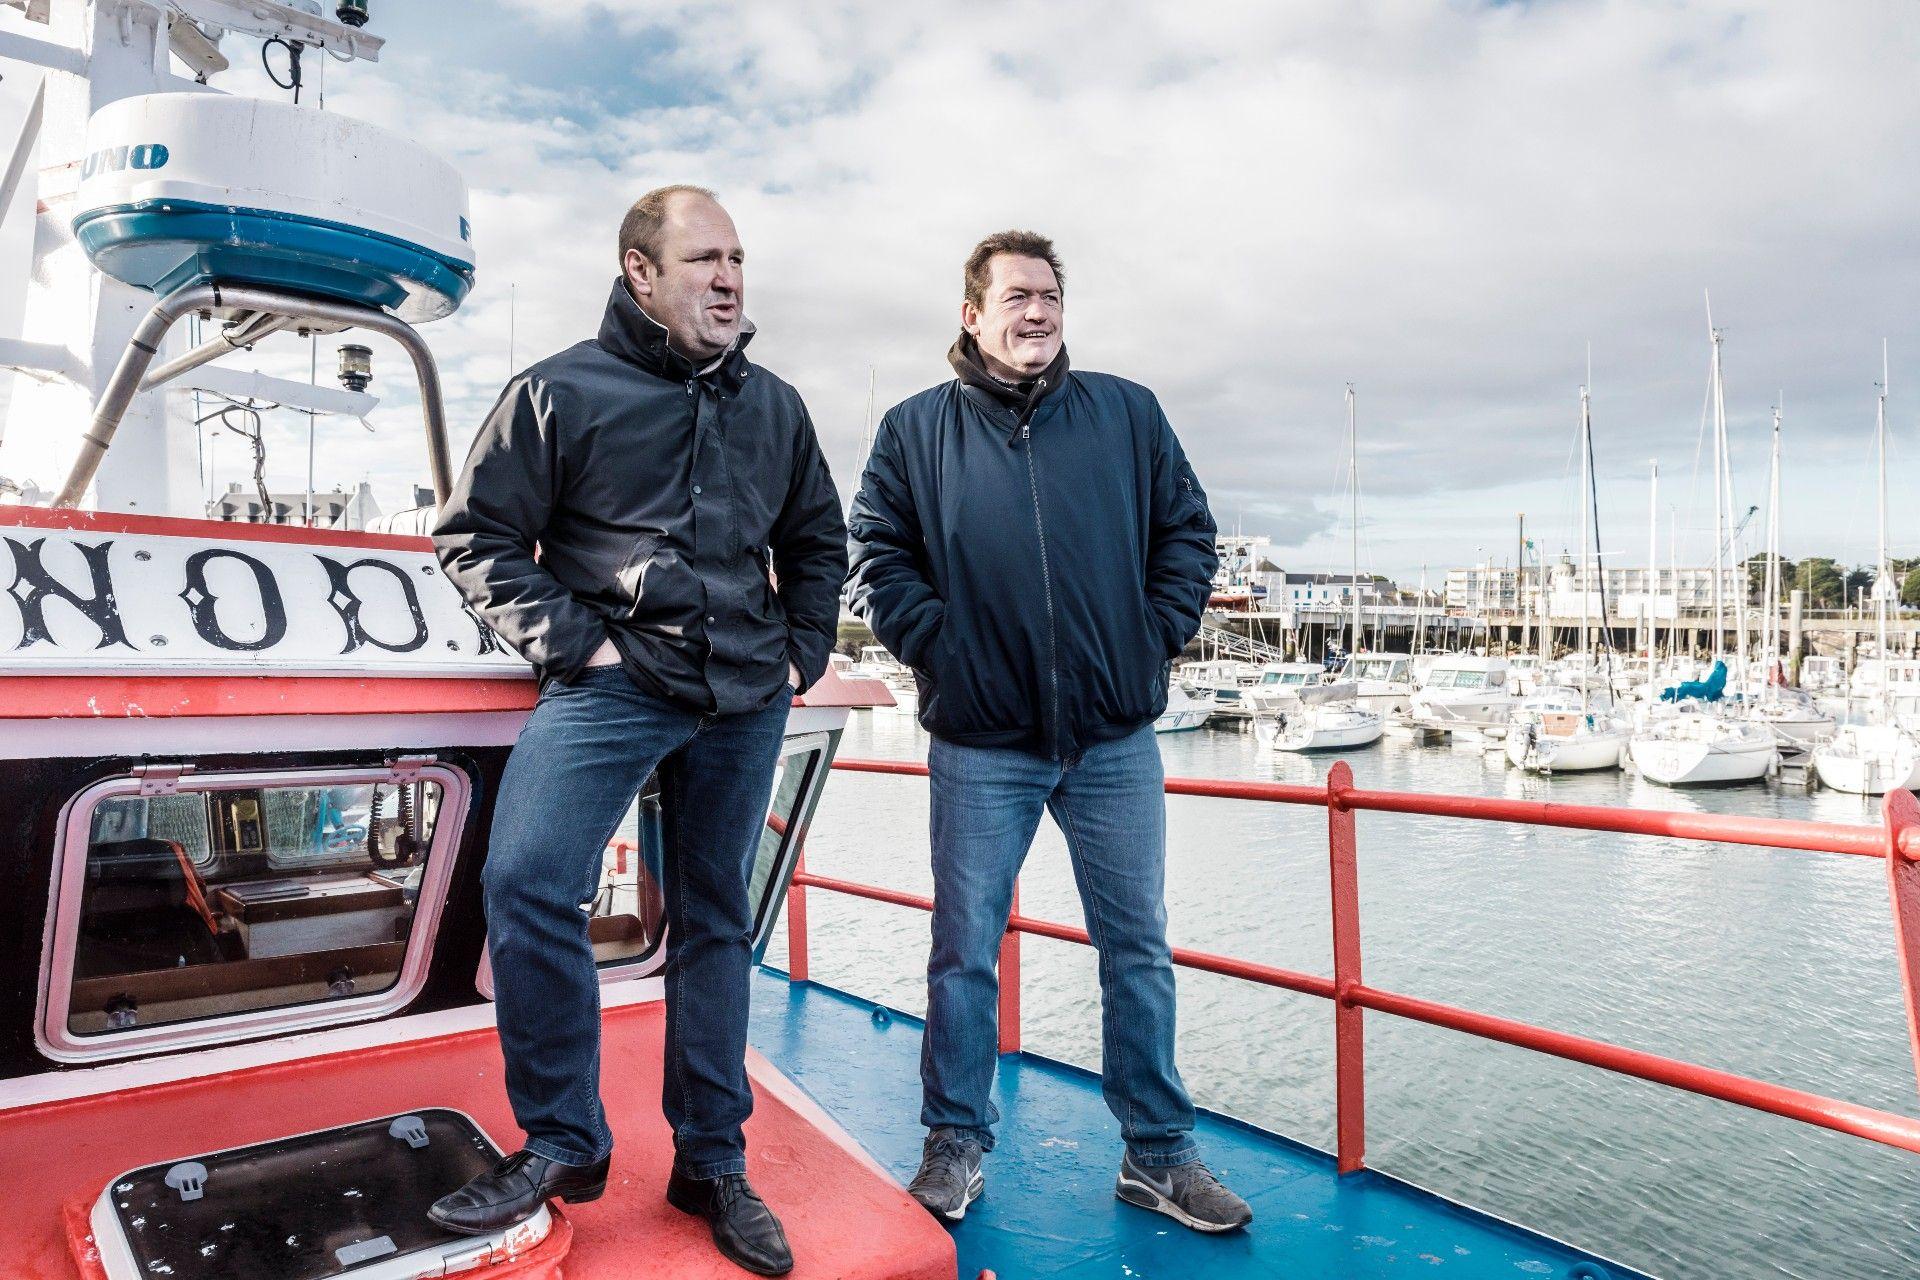 Stéphane Gervier (patron-pêcheur à Quiberon) & Franck Duchateau (conseiller du Crédit Maritime à l'agence de Quiberon)